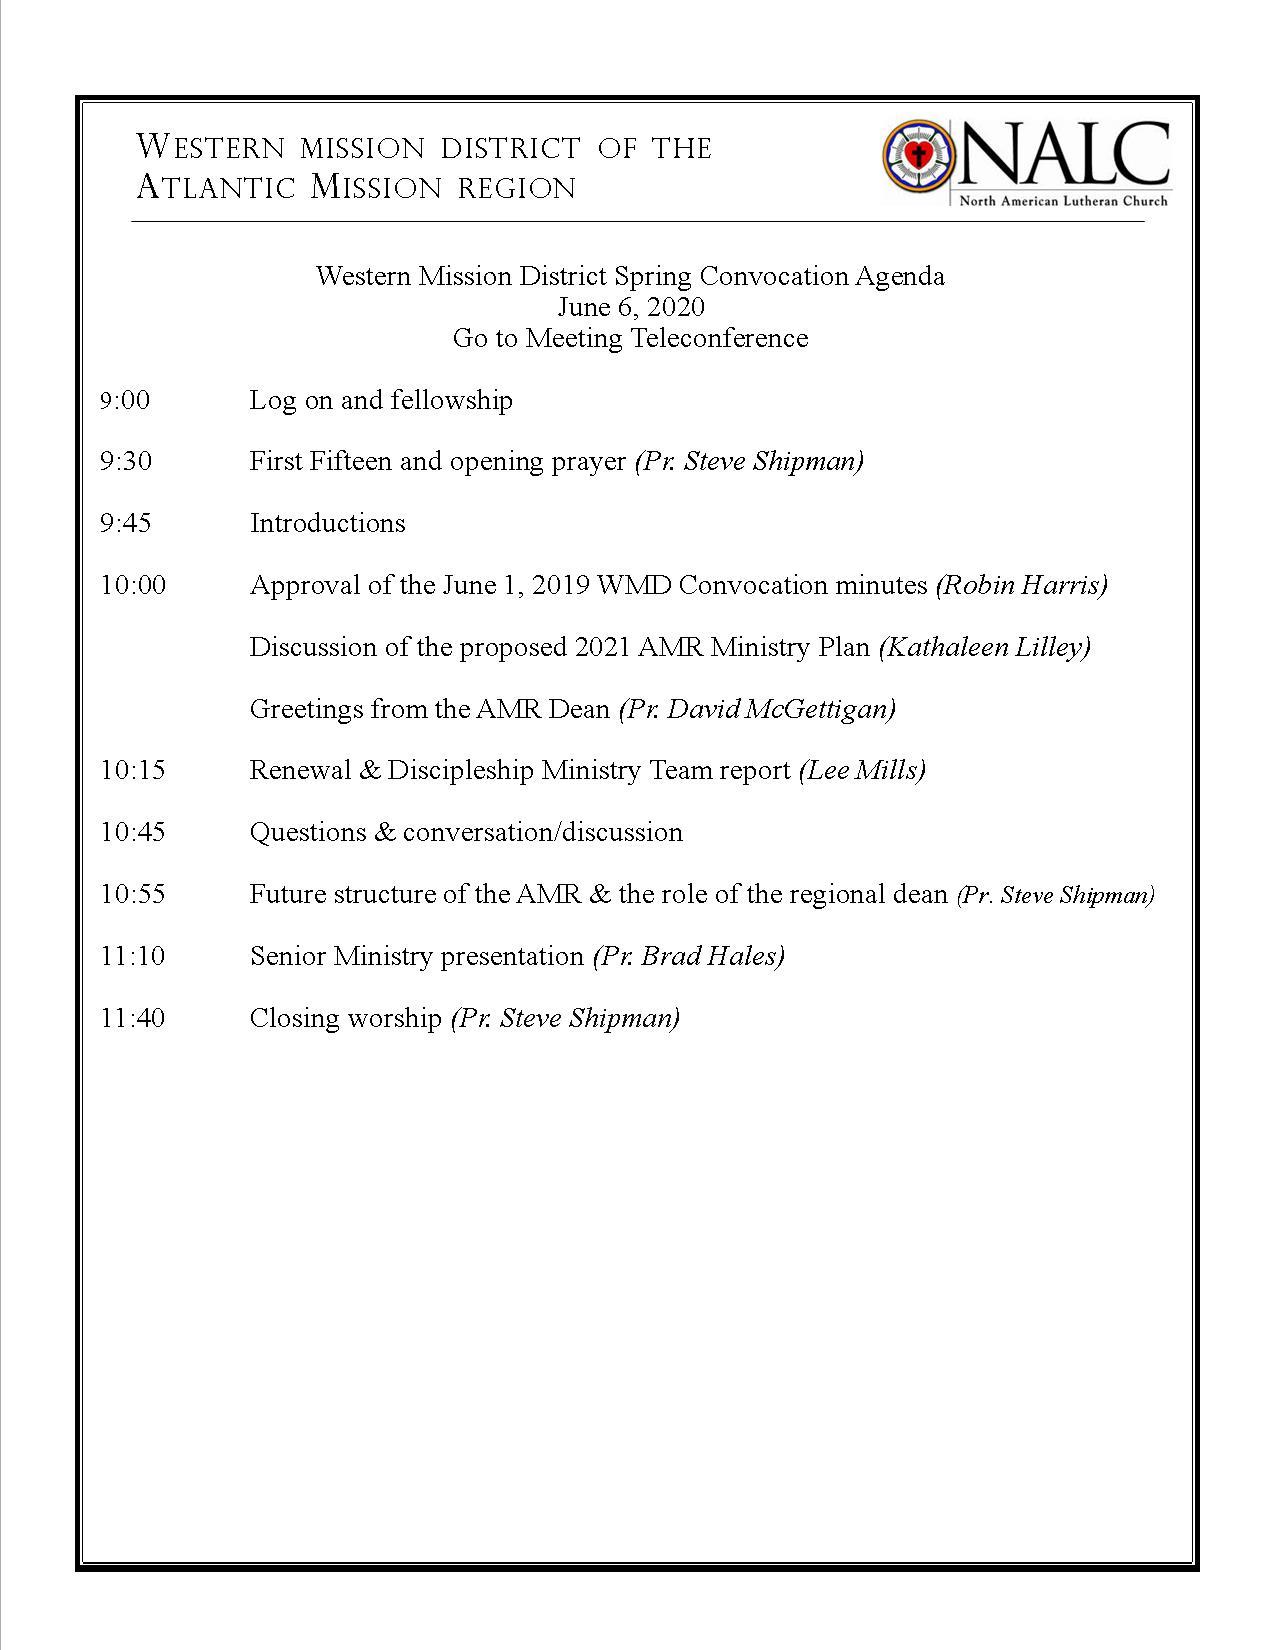 WMC agenda